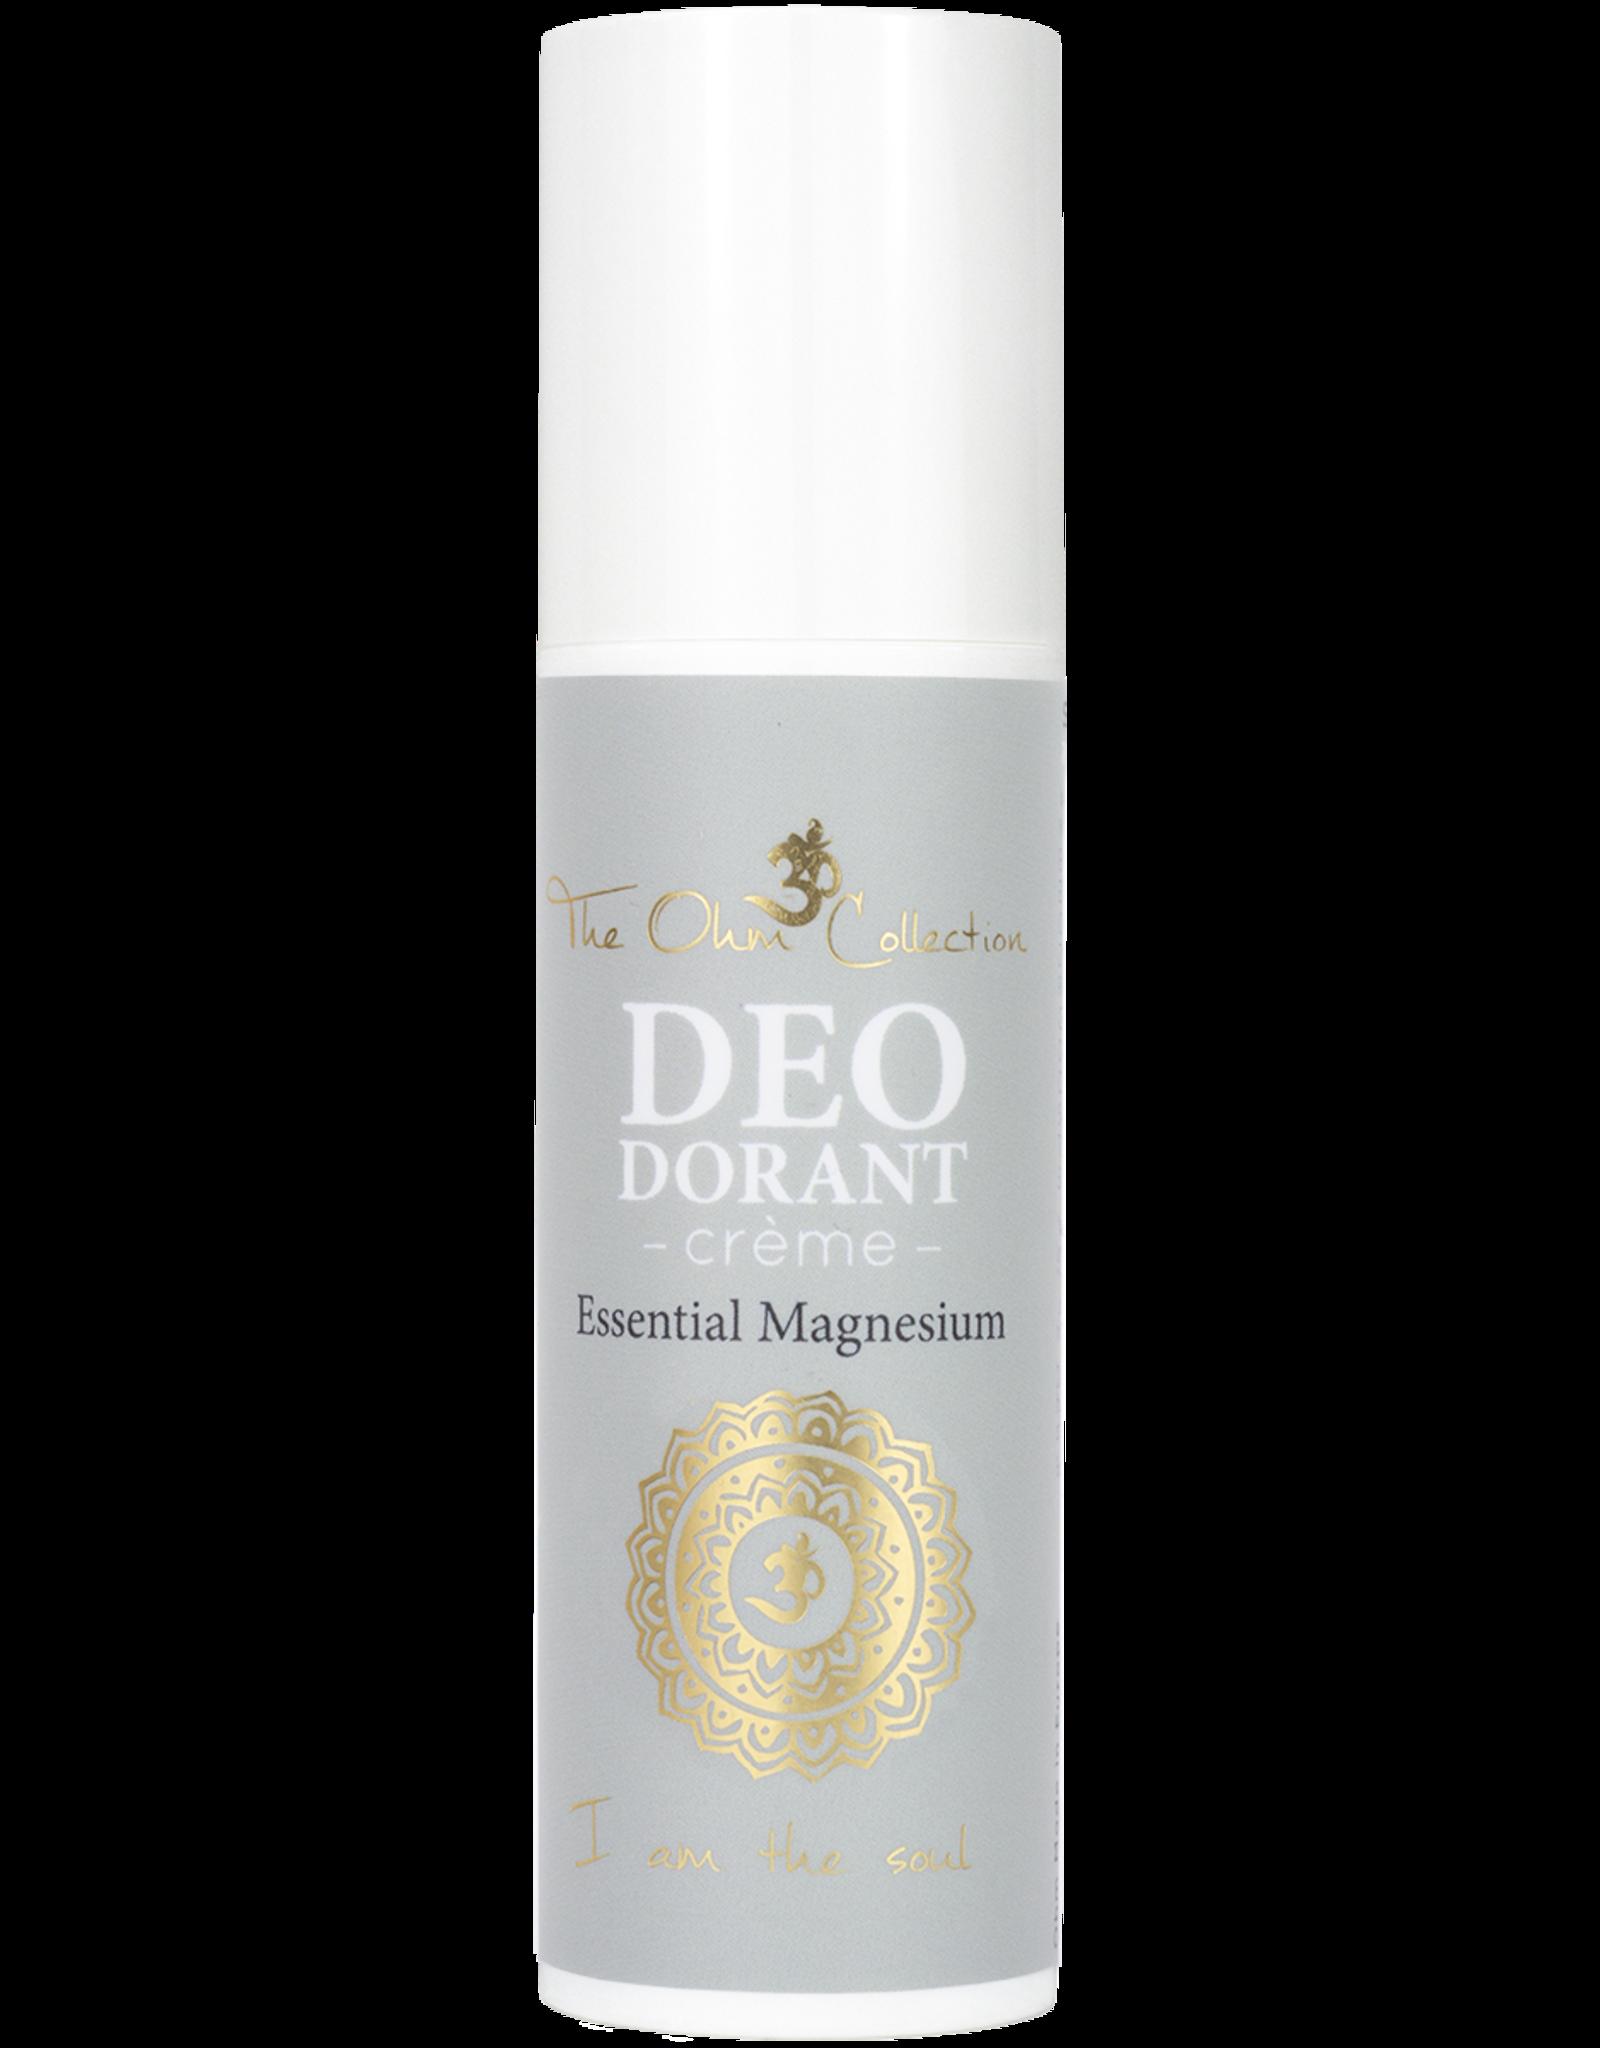 Ohm Deo Dorant creme Essential Magnesium 50ml